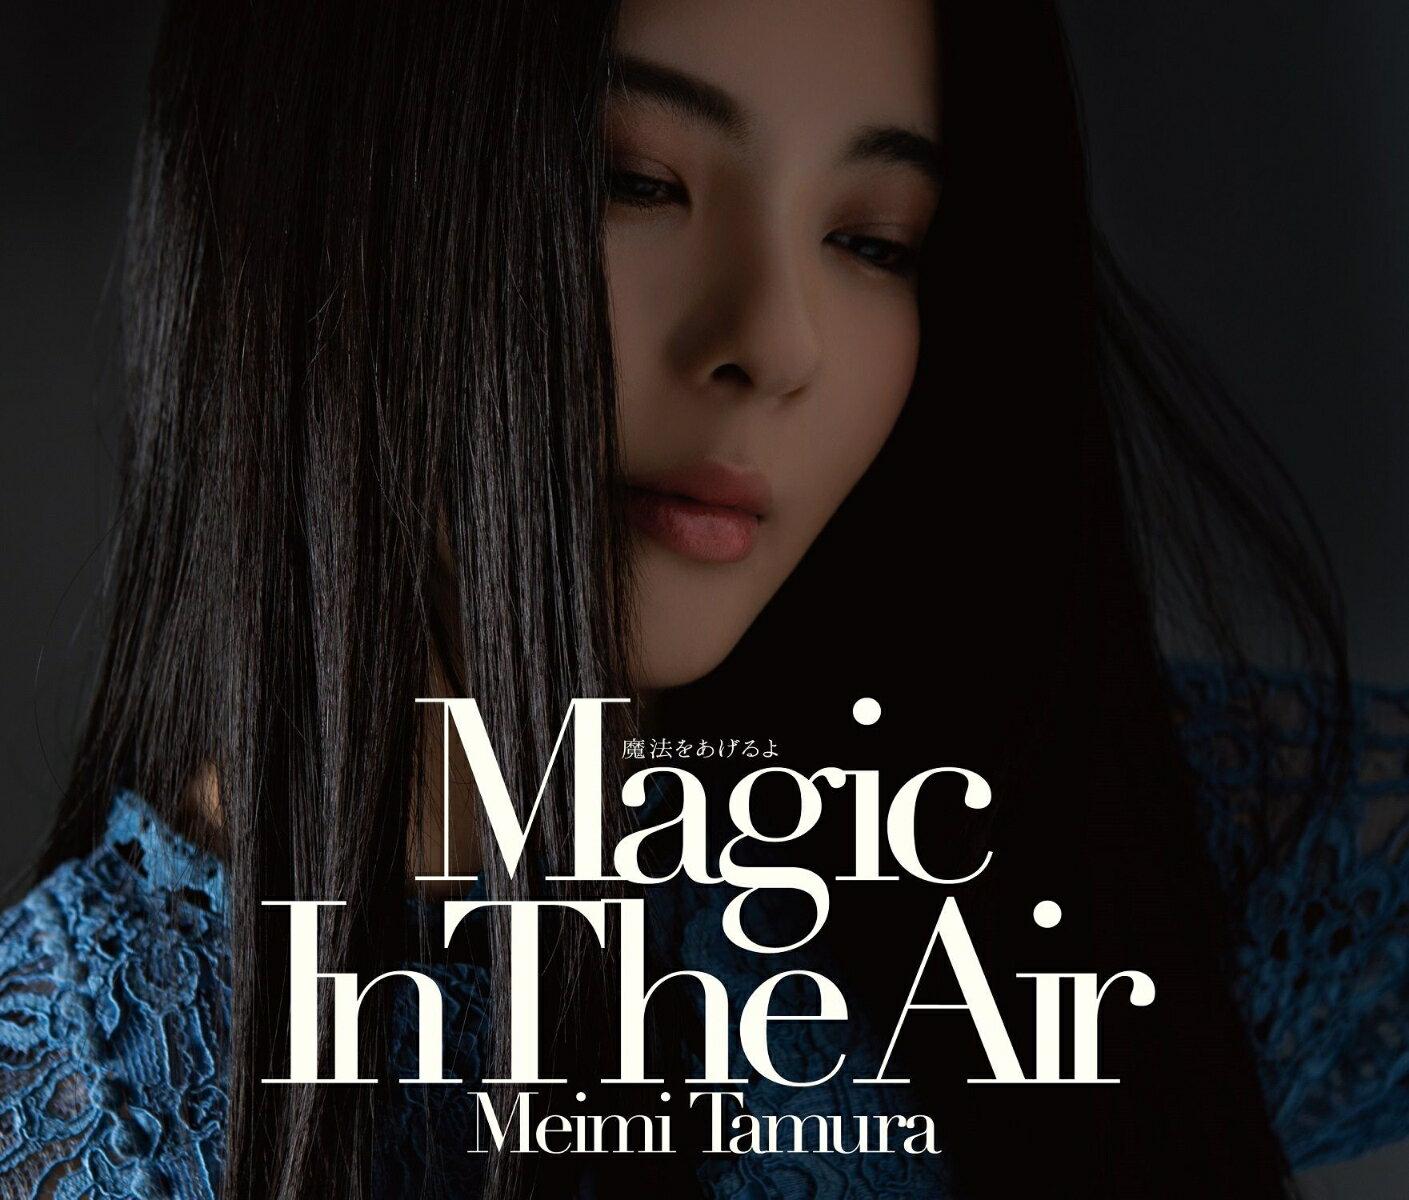 魔法をあげるよ 〜Magic In The Air〜 (初回限定盤B CD+グッズ)画像